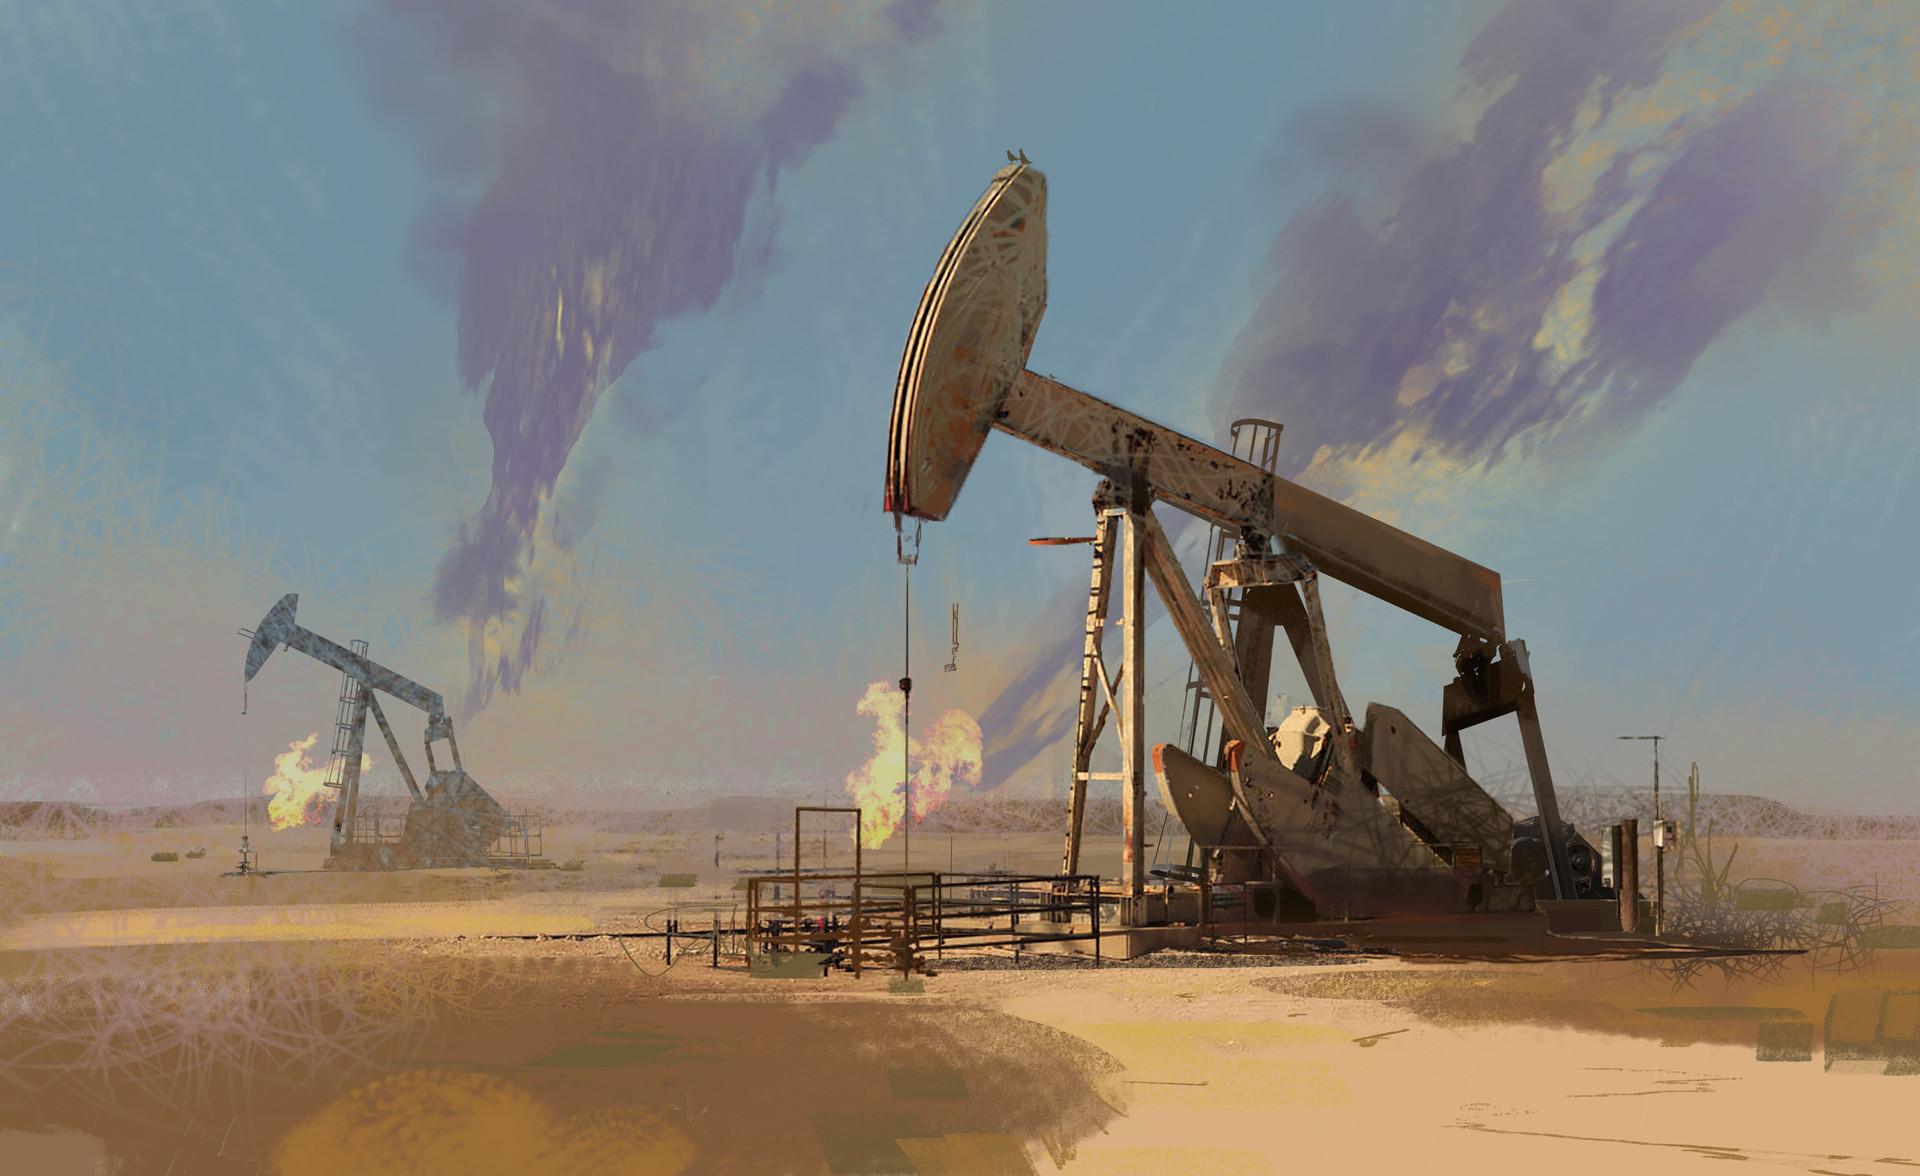 Yujin choo oilfield1 sketch